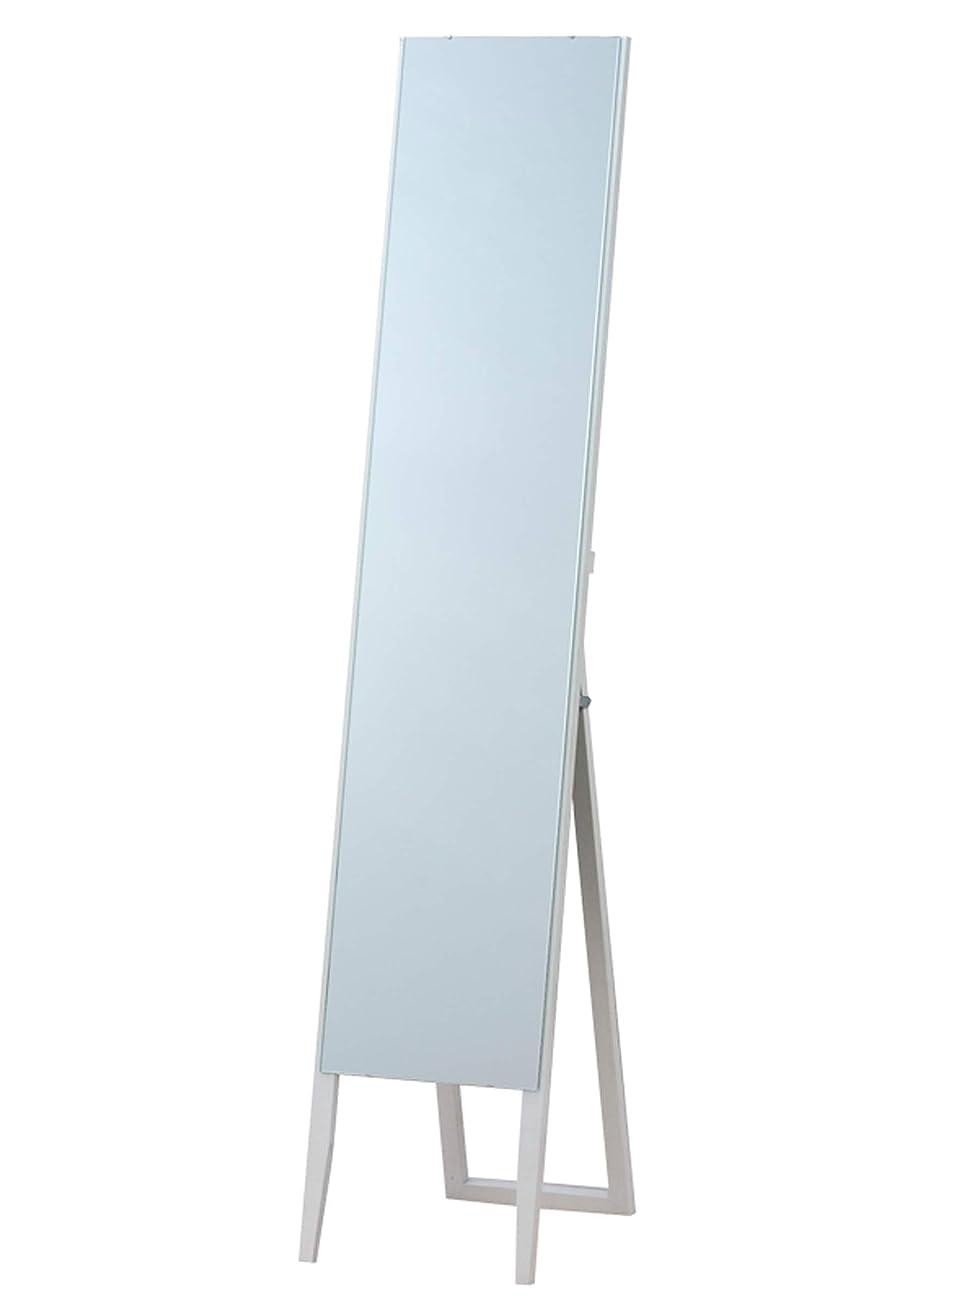 恵みオンに対して枠なし ノンフレーム スタンドミラー ホワイト(白) 全身鏡 幅30cm x 高さ150cm 飛散防止 シンプル ミラー ショップ 催事 百貨店 店舗 姿見